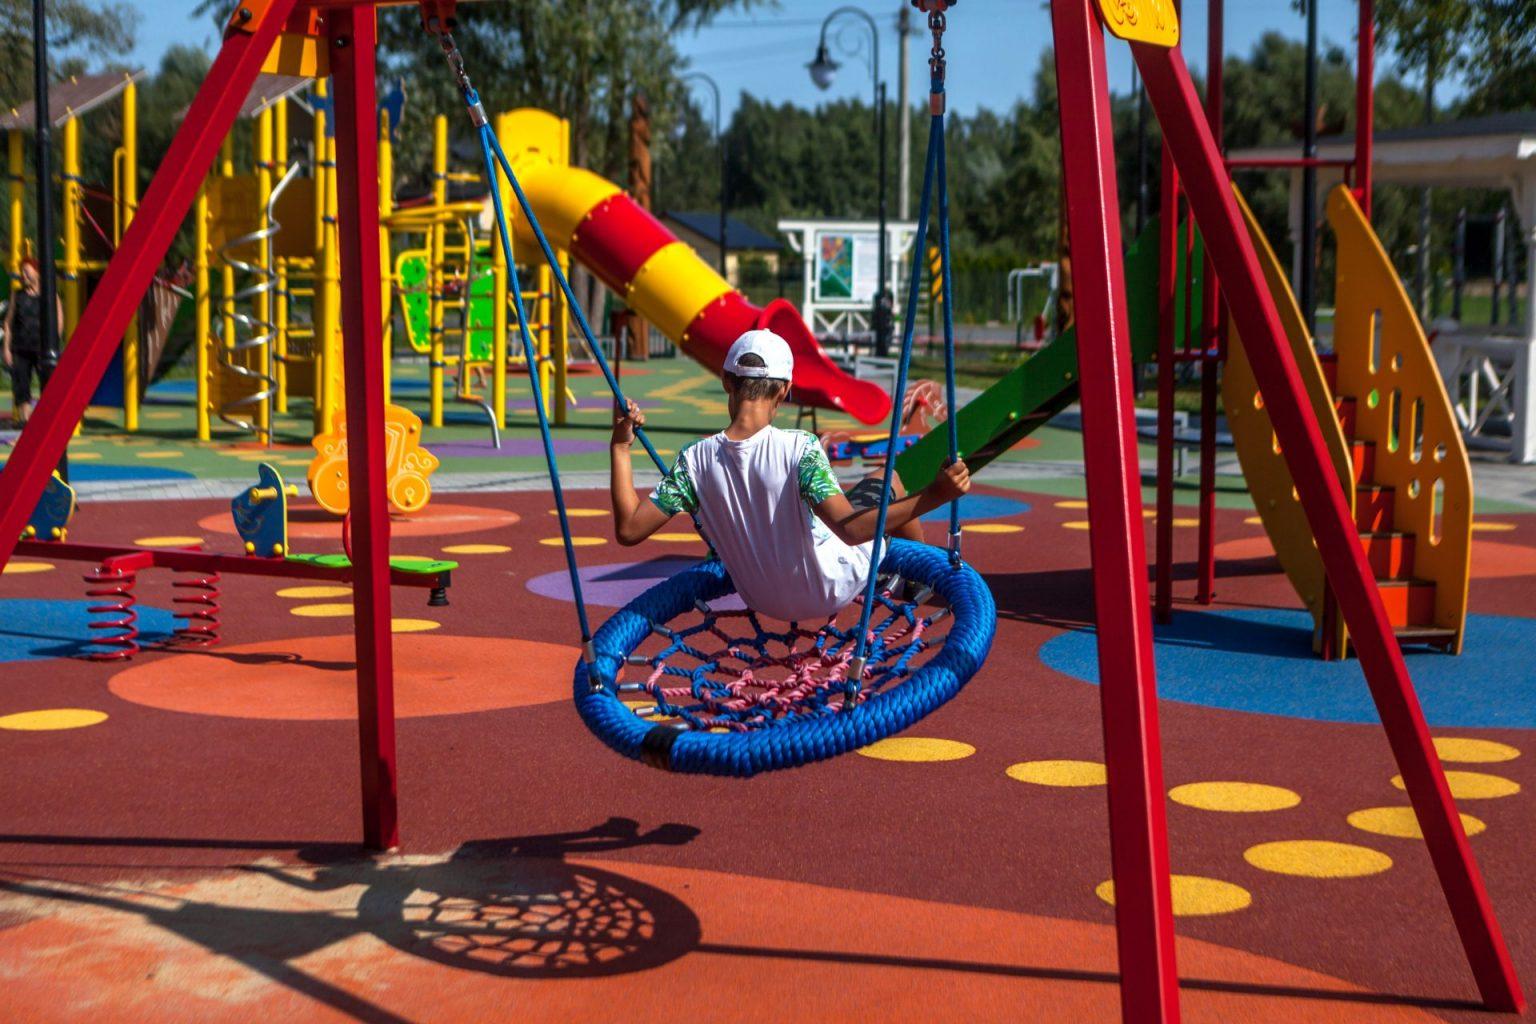 Chłopiec bawi się na placu zabaw. Plac zabaw ma piękną nawierzchnię wylewaną z gumy.